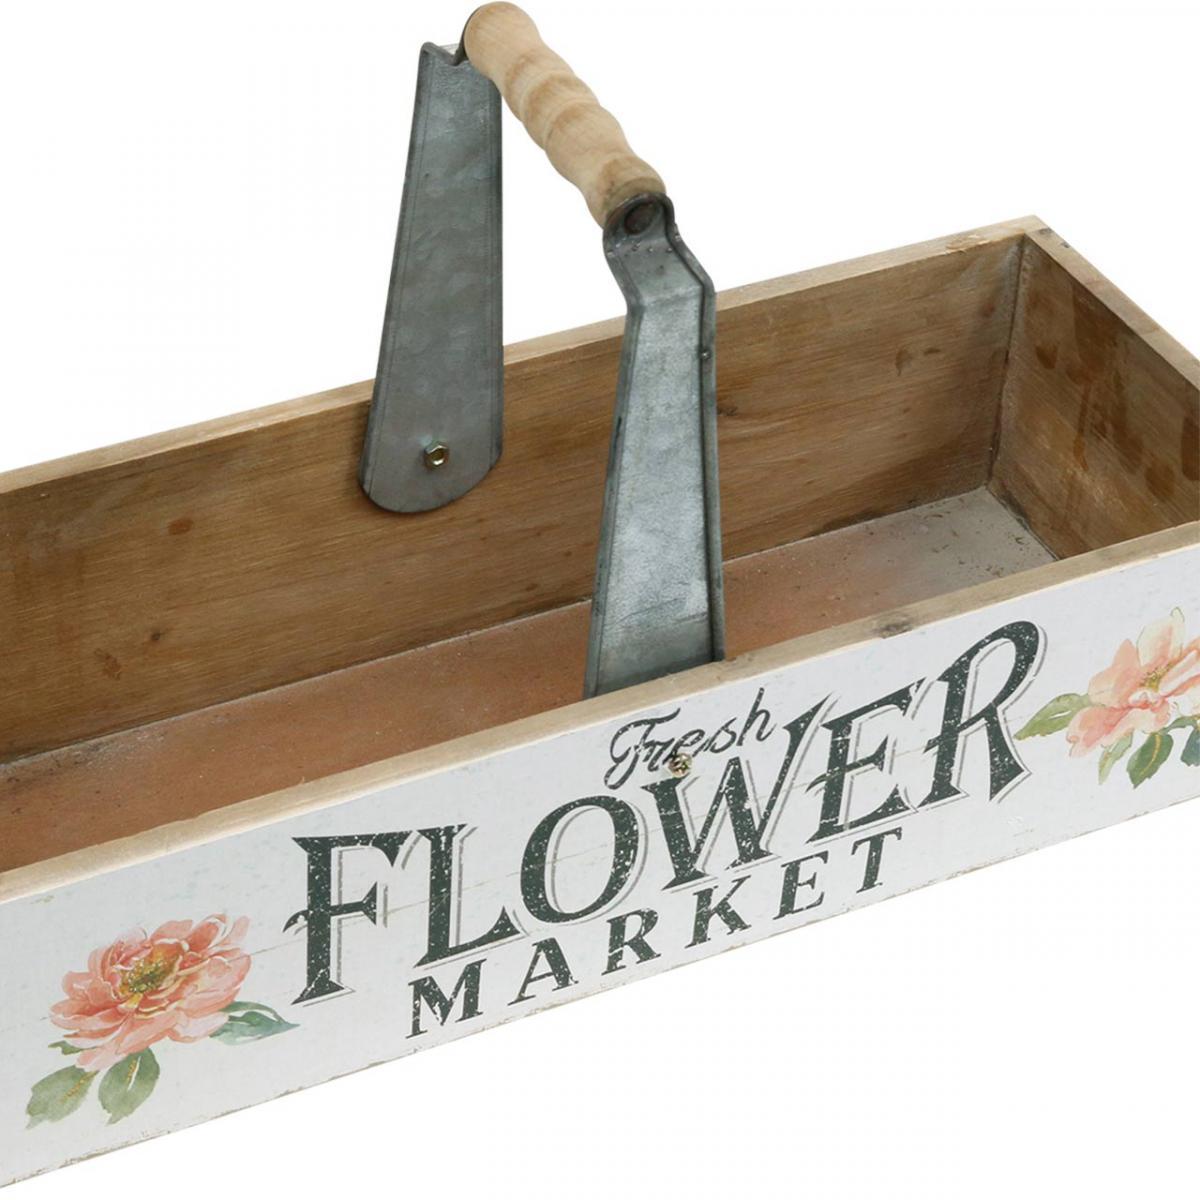 Skrzynka Na Rosliny Dekoracja Kwiatowa Drewniana Skrzynka Do Sadzenia Skrzynka Na Kwiaty O Nostalgicznym Wygladzie 41 5 16 Cm 12709 Kup Tanio Przez Internet